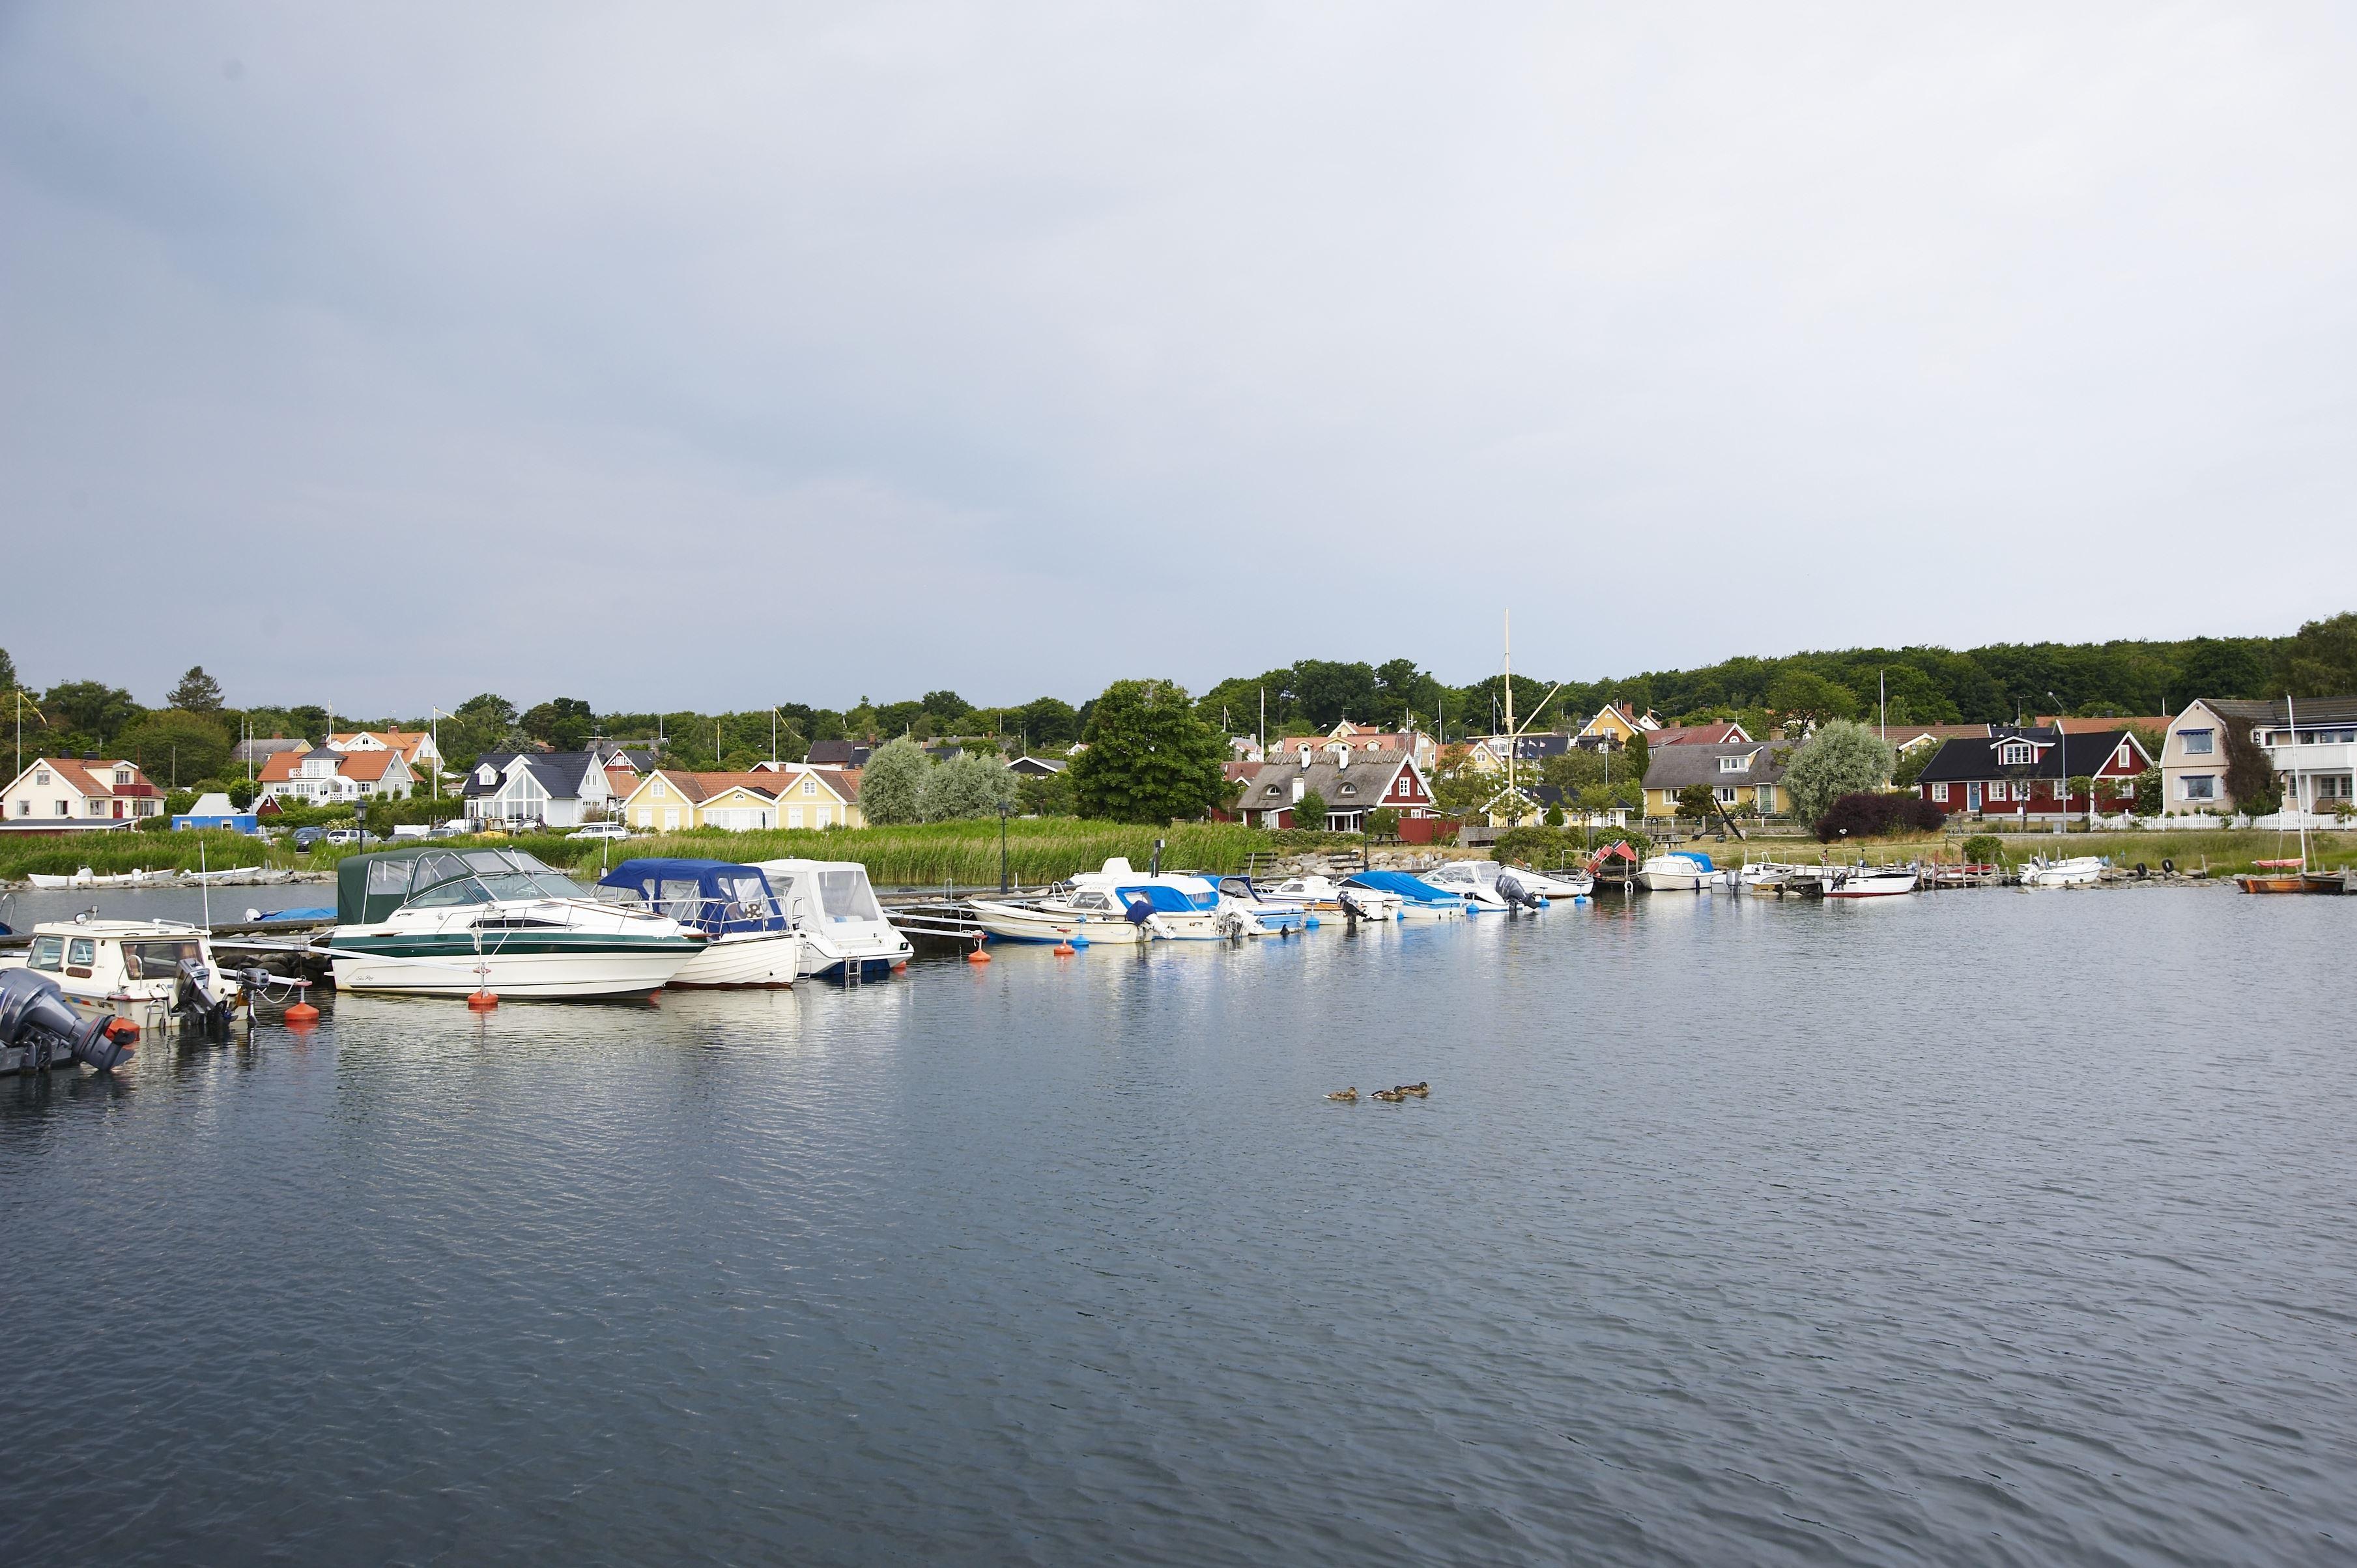 Fishing villages on Listerlandet